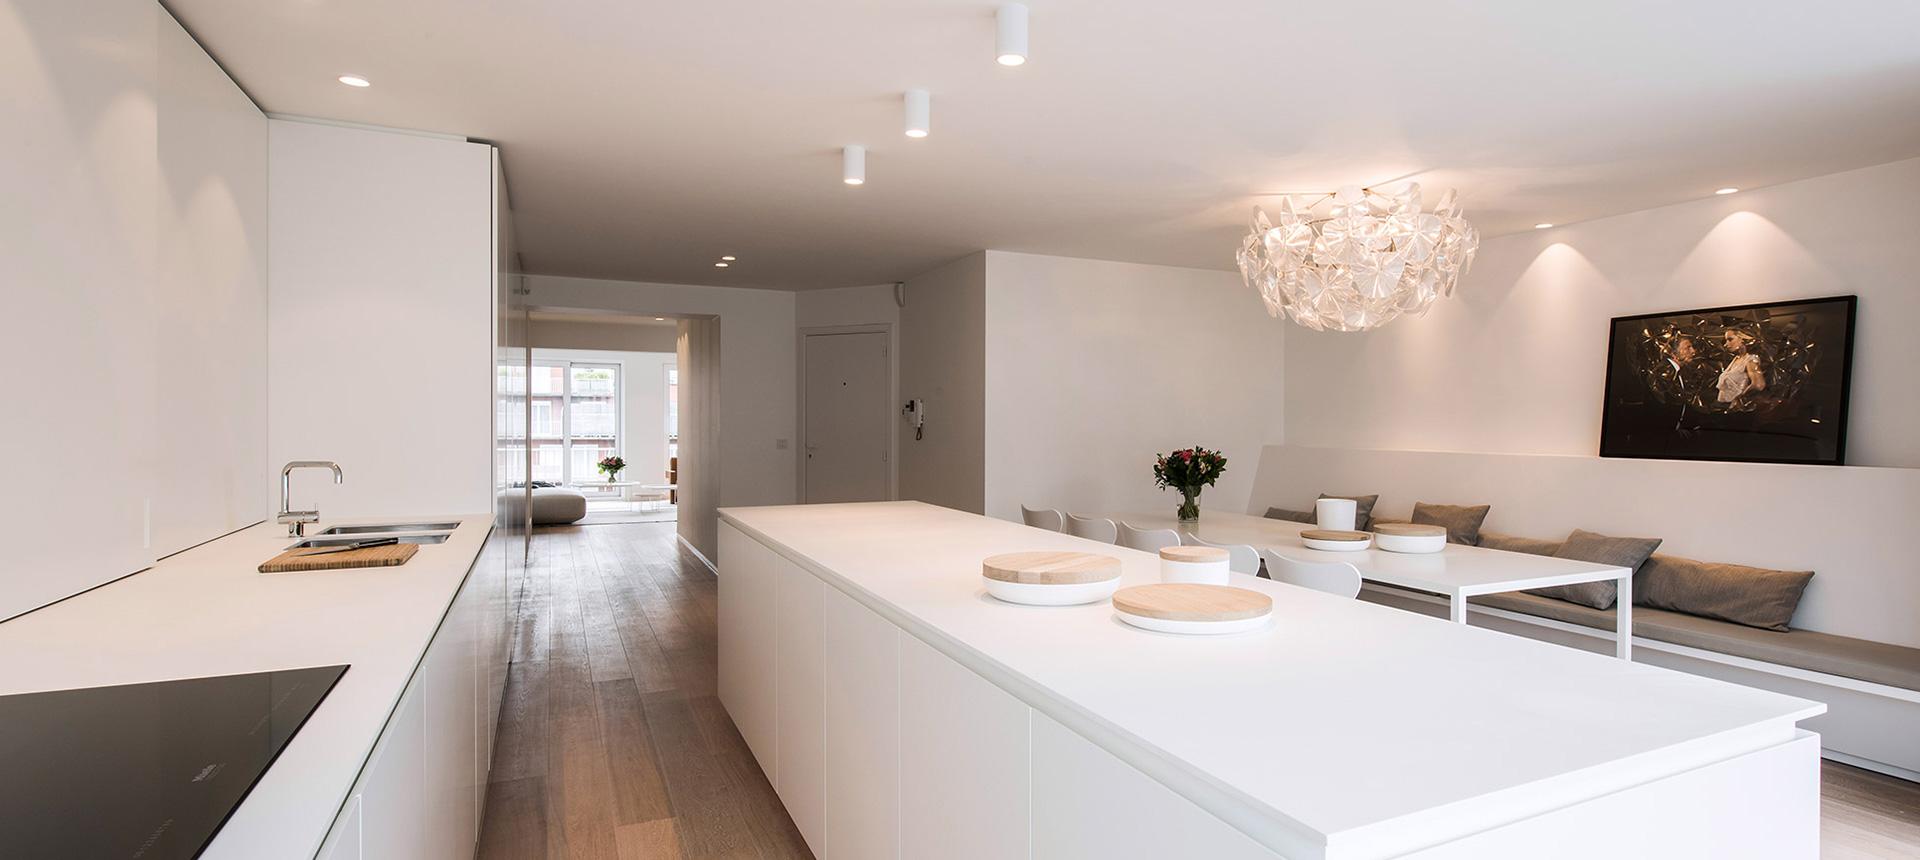 Home interieur ontwerp en totaalprojecten boa for Afbeeldingen interieur